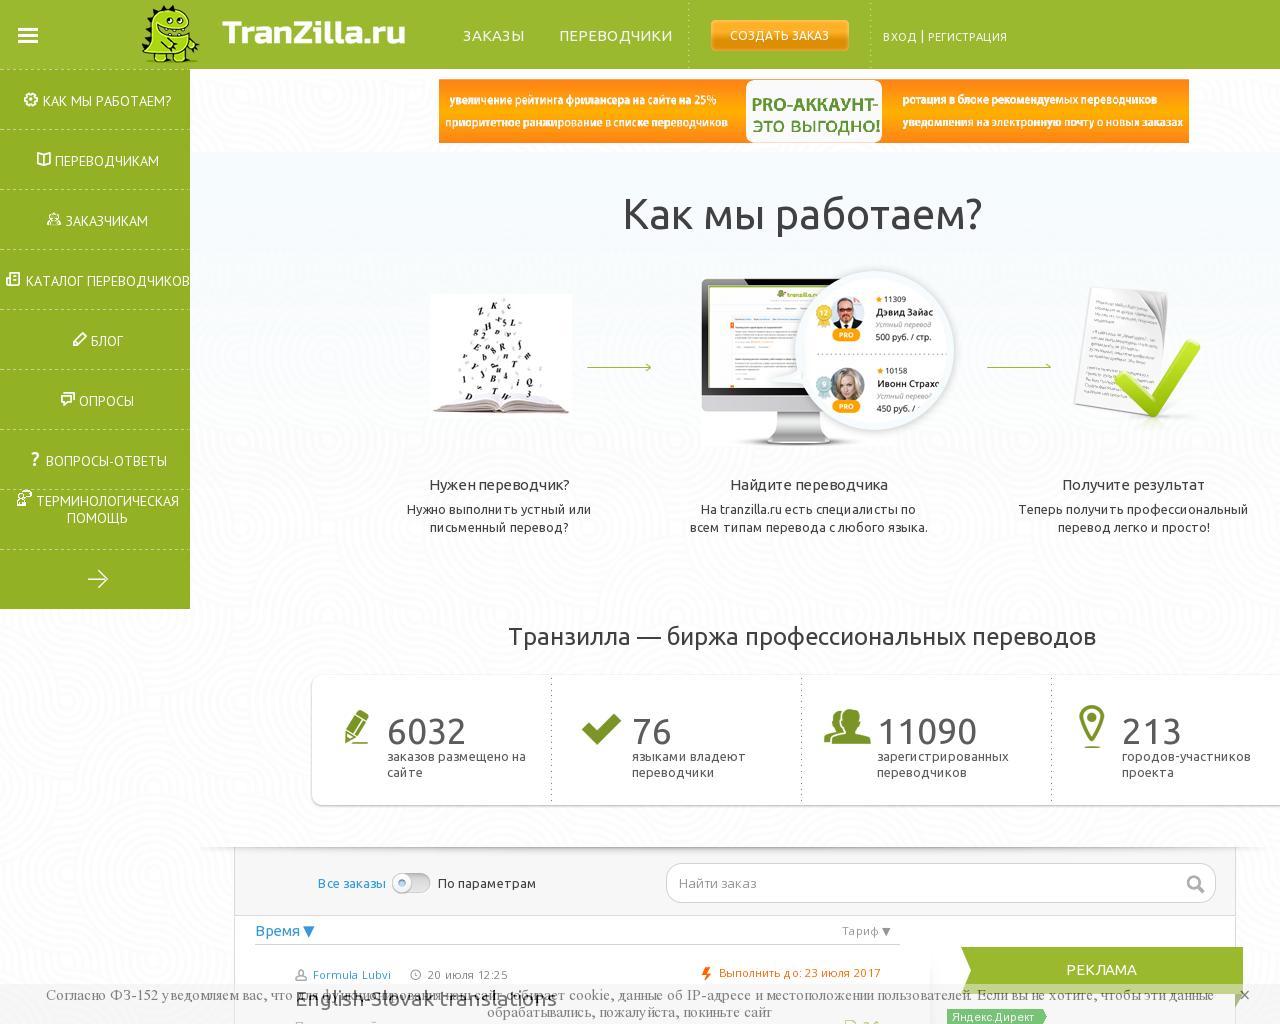 Лучшие сайты по фрилансу для переводчиков фриланс индивидуального предпринимателя